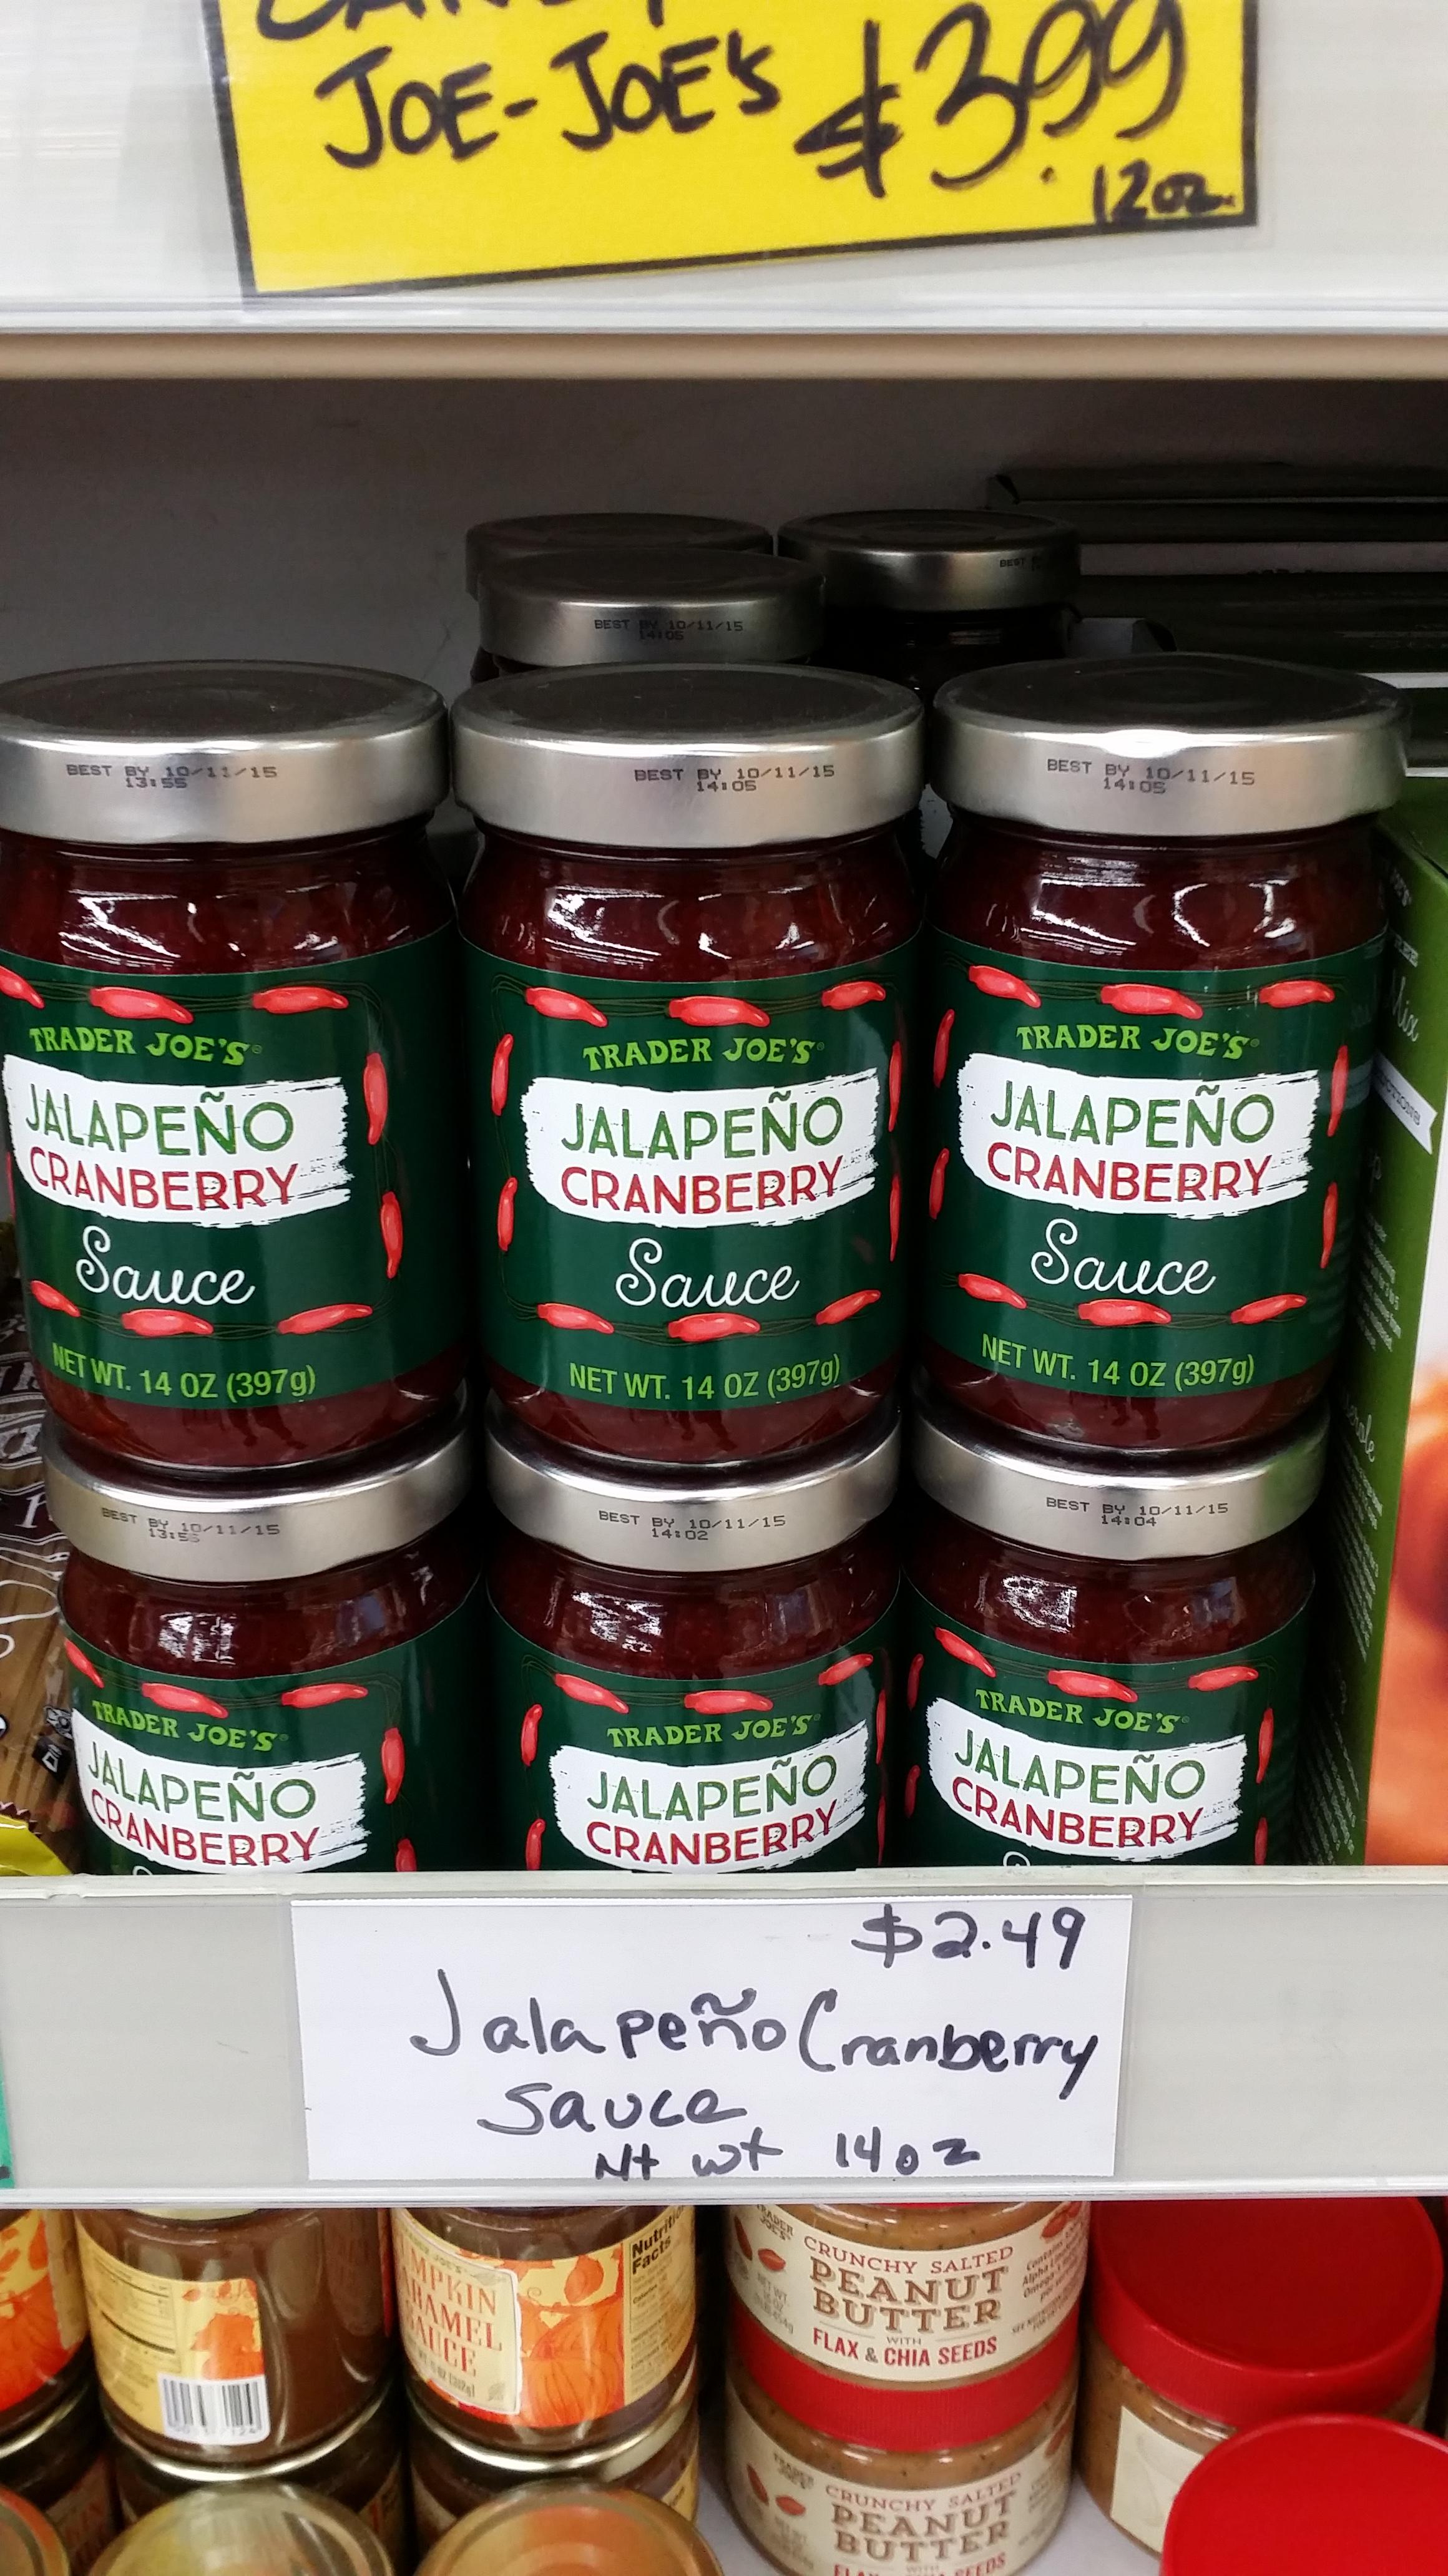 Trader joe s jalapeno cranberry sauce eating at joes for Trader joe s fish sauce